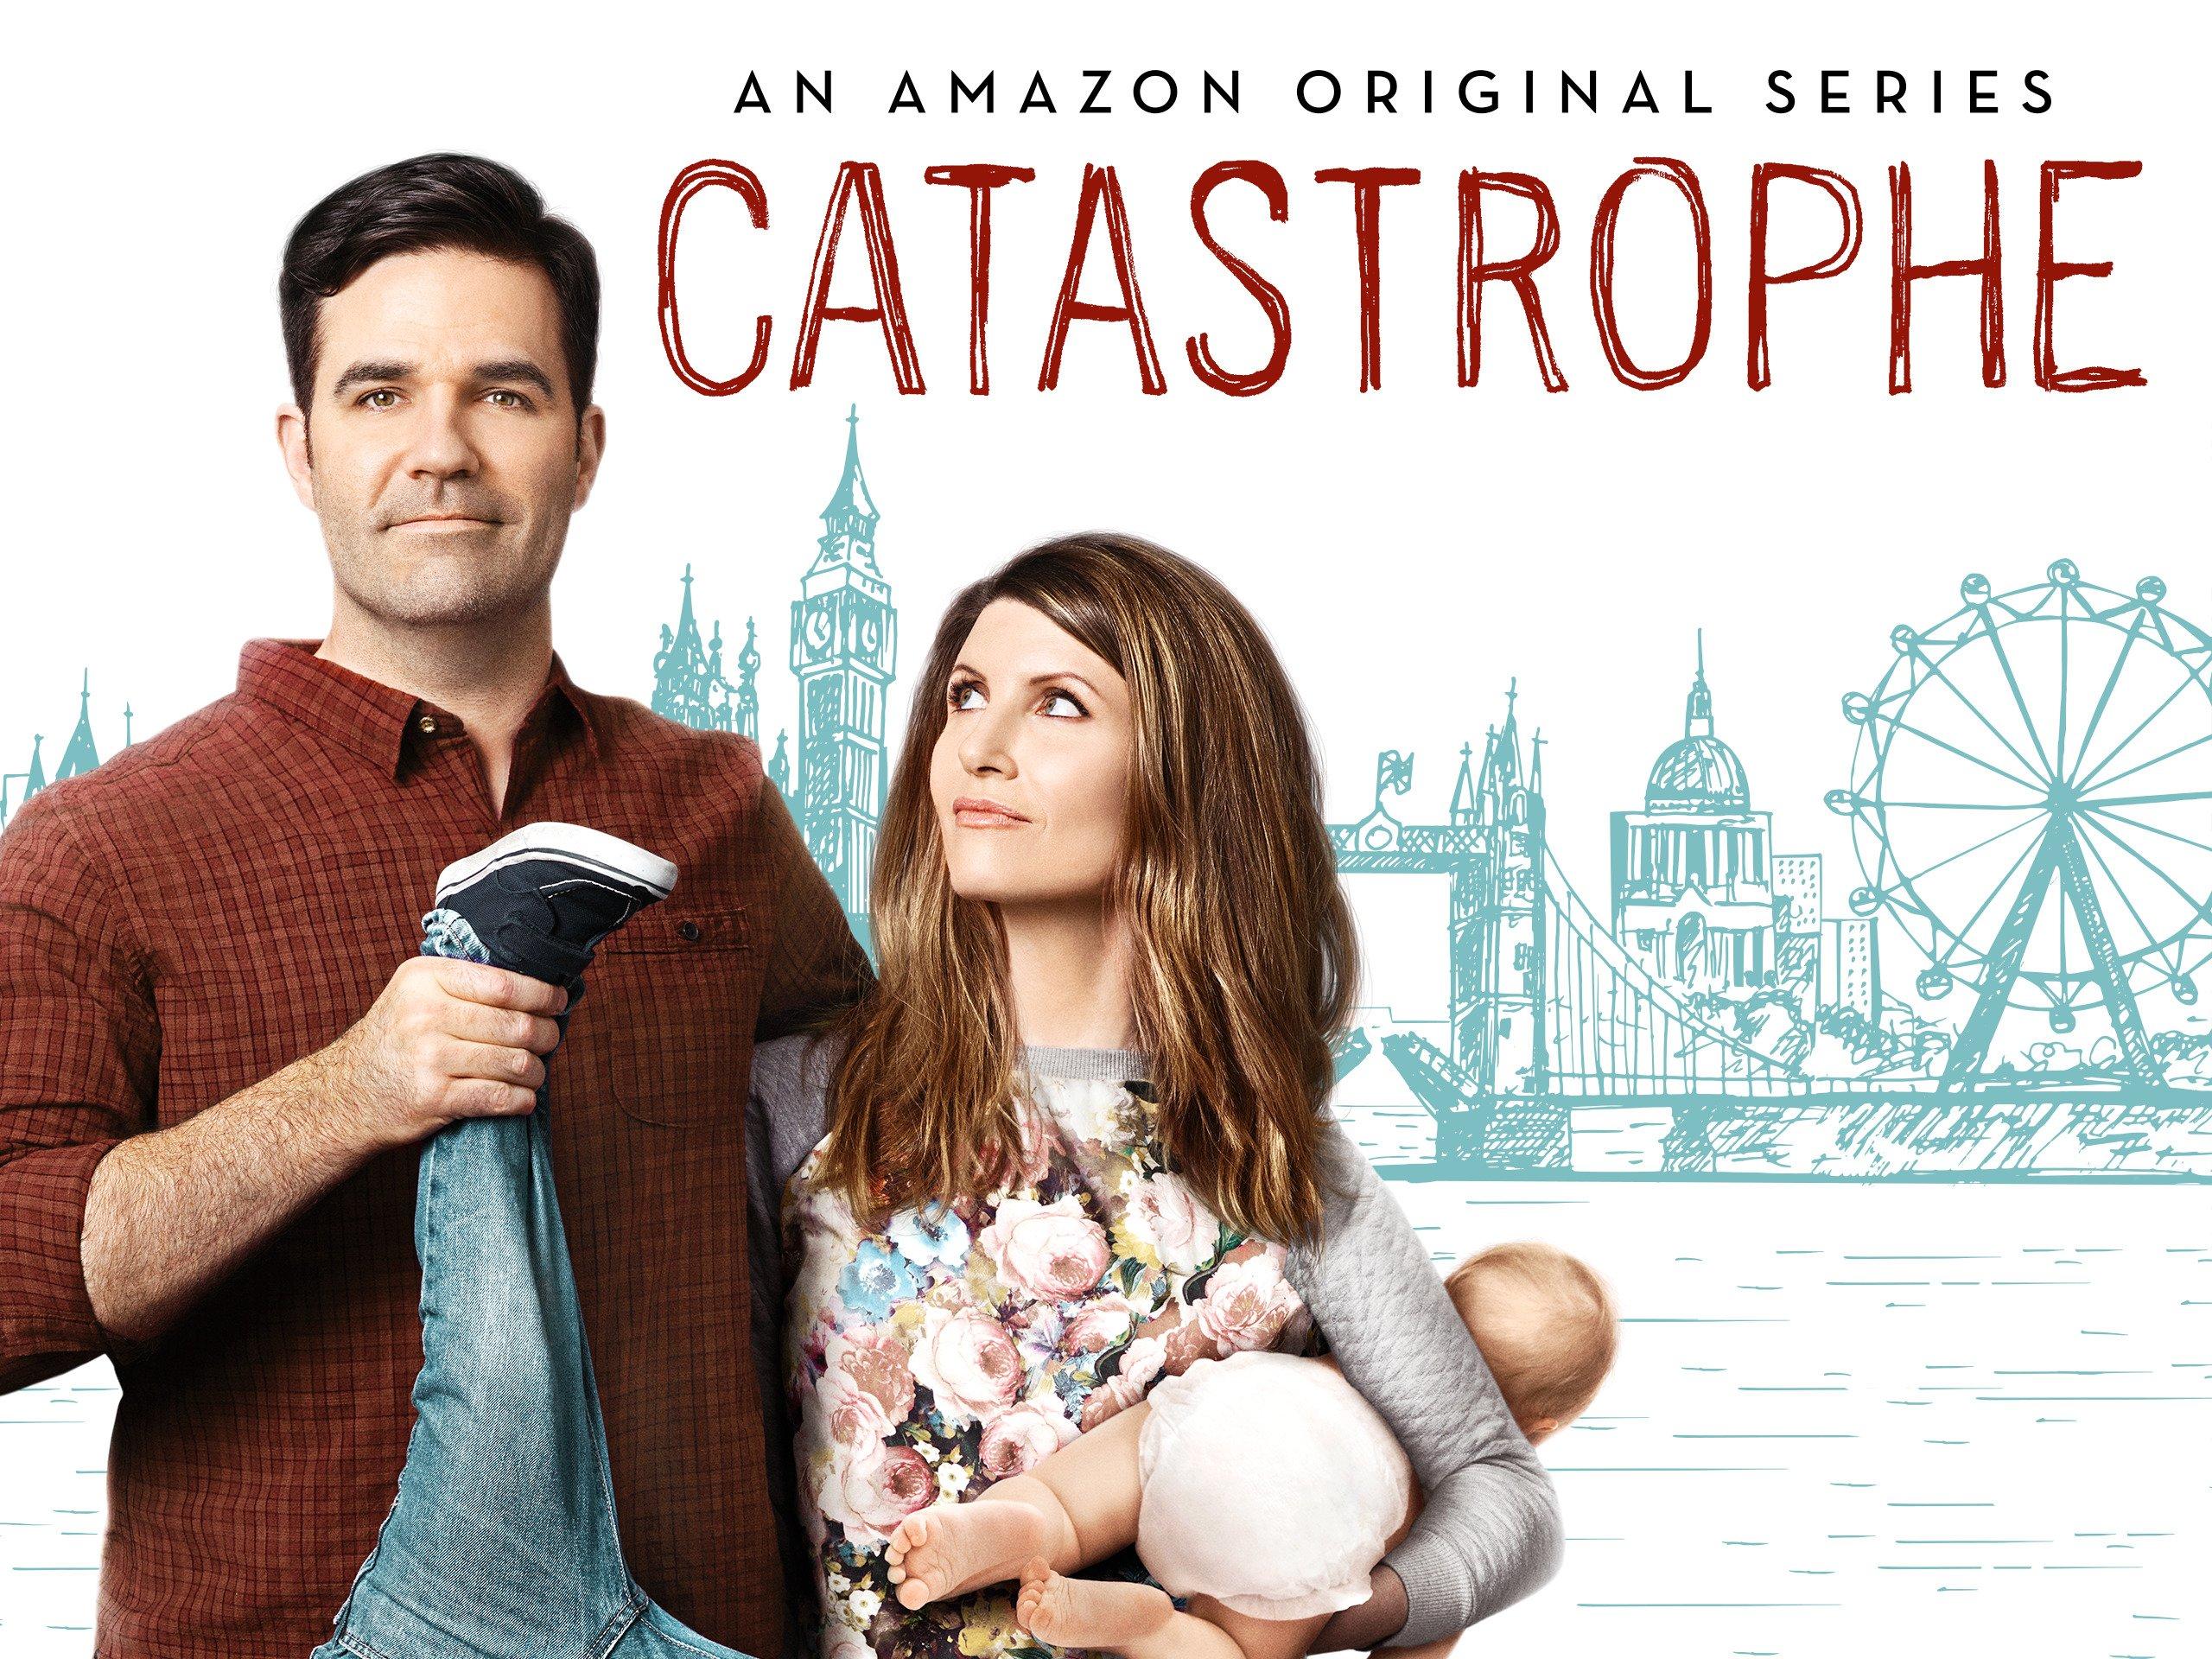 Amazon Catastrophe